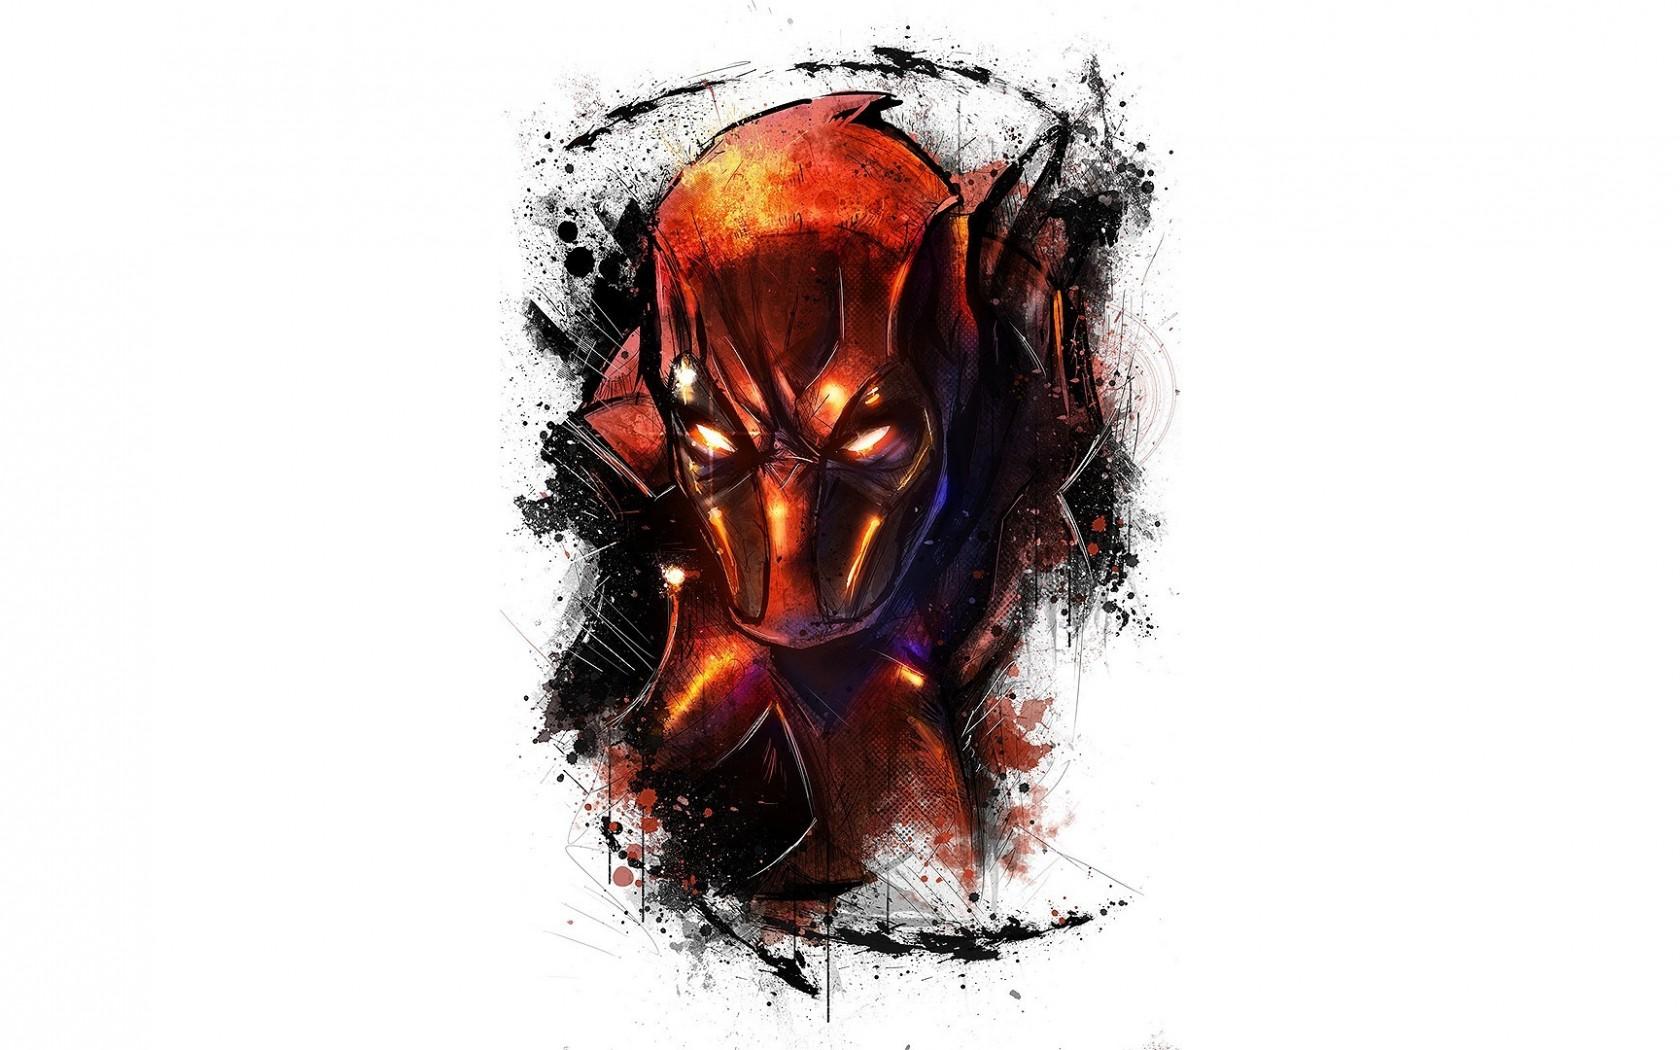 Good Wallpaper Marvel Face - face-drawing-illustration-cartoon-Deadpool-head-ART-sketch-marvel-organ-564076  Picture_274156.jpg